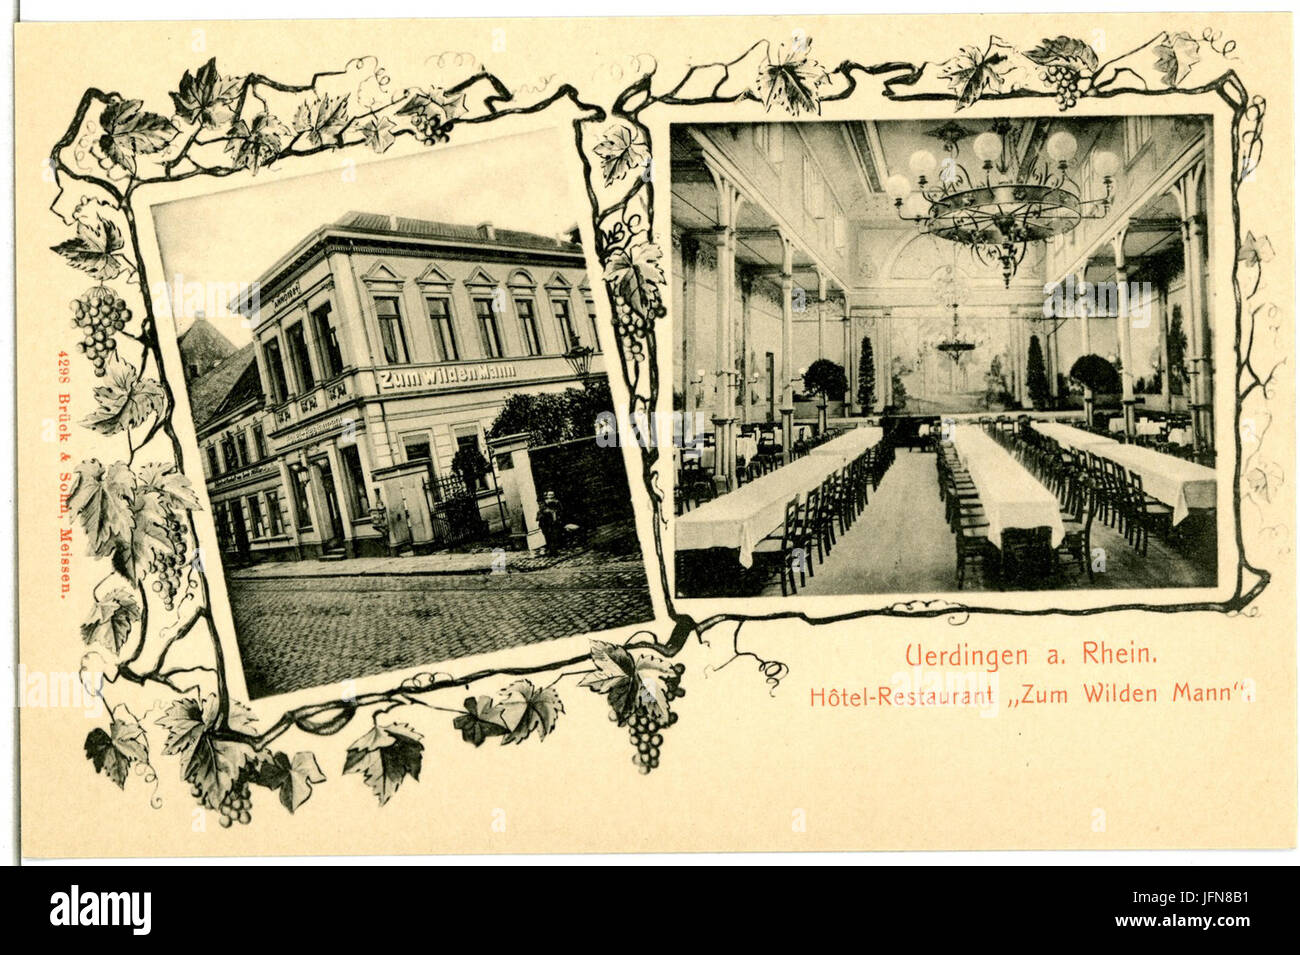 04298-Uerdingen-1903-Restaurant zum wilden Mann-Brück & Sohn Kunstverlag - Stock Image